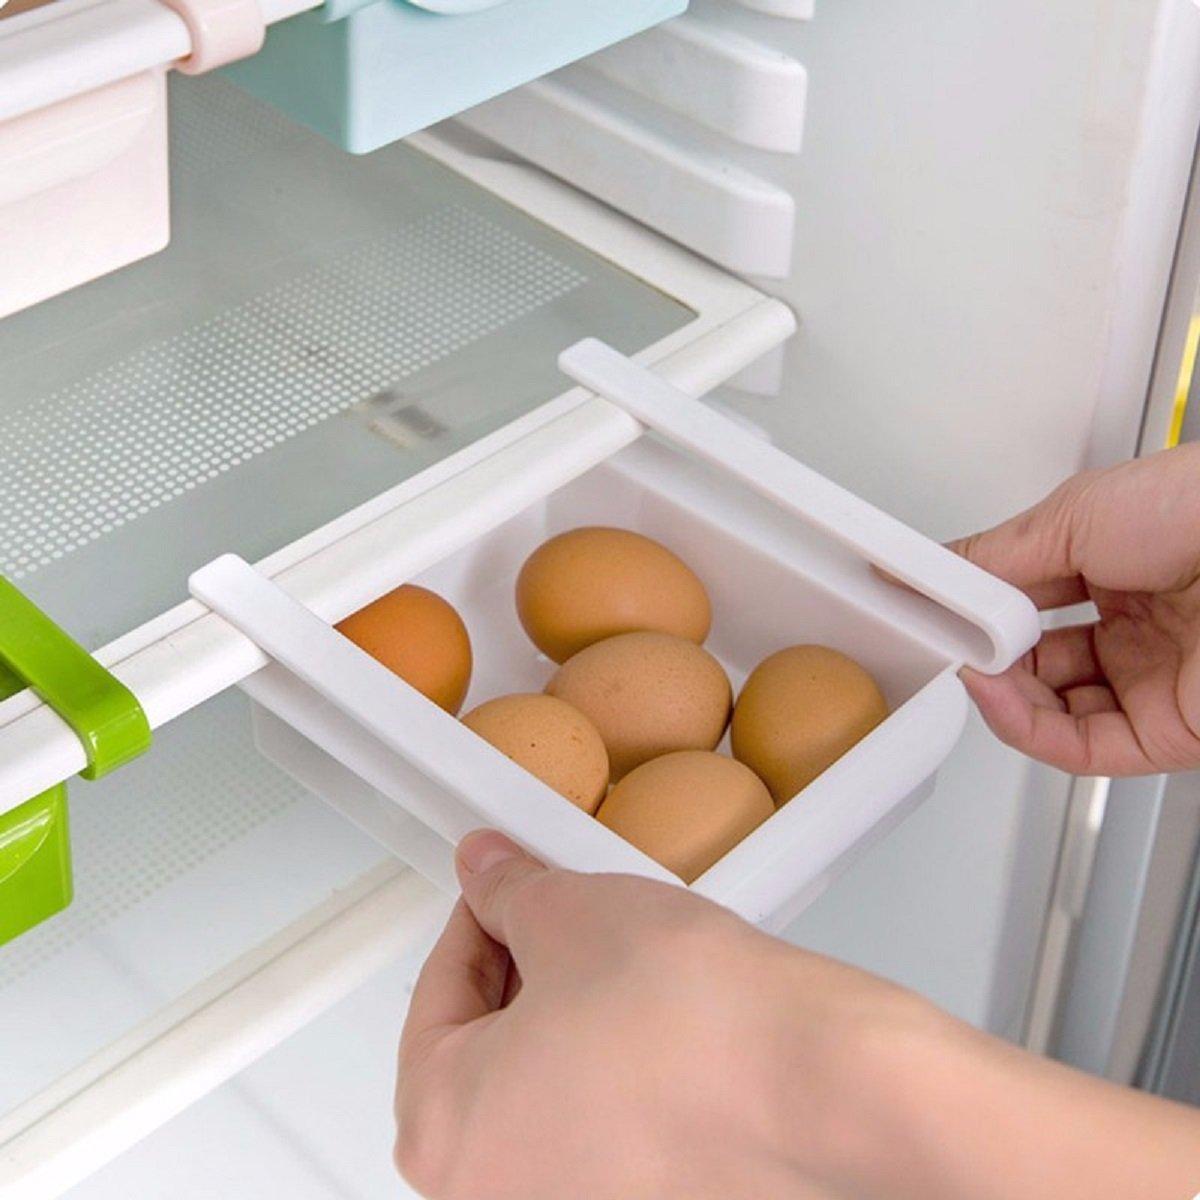 Zanasta Frigo Box Frigorifero Cucina Storage Box di stoccaggio a ripiano scorrevole | Mensola anche per Congelatore | Bianco